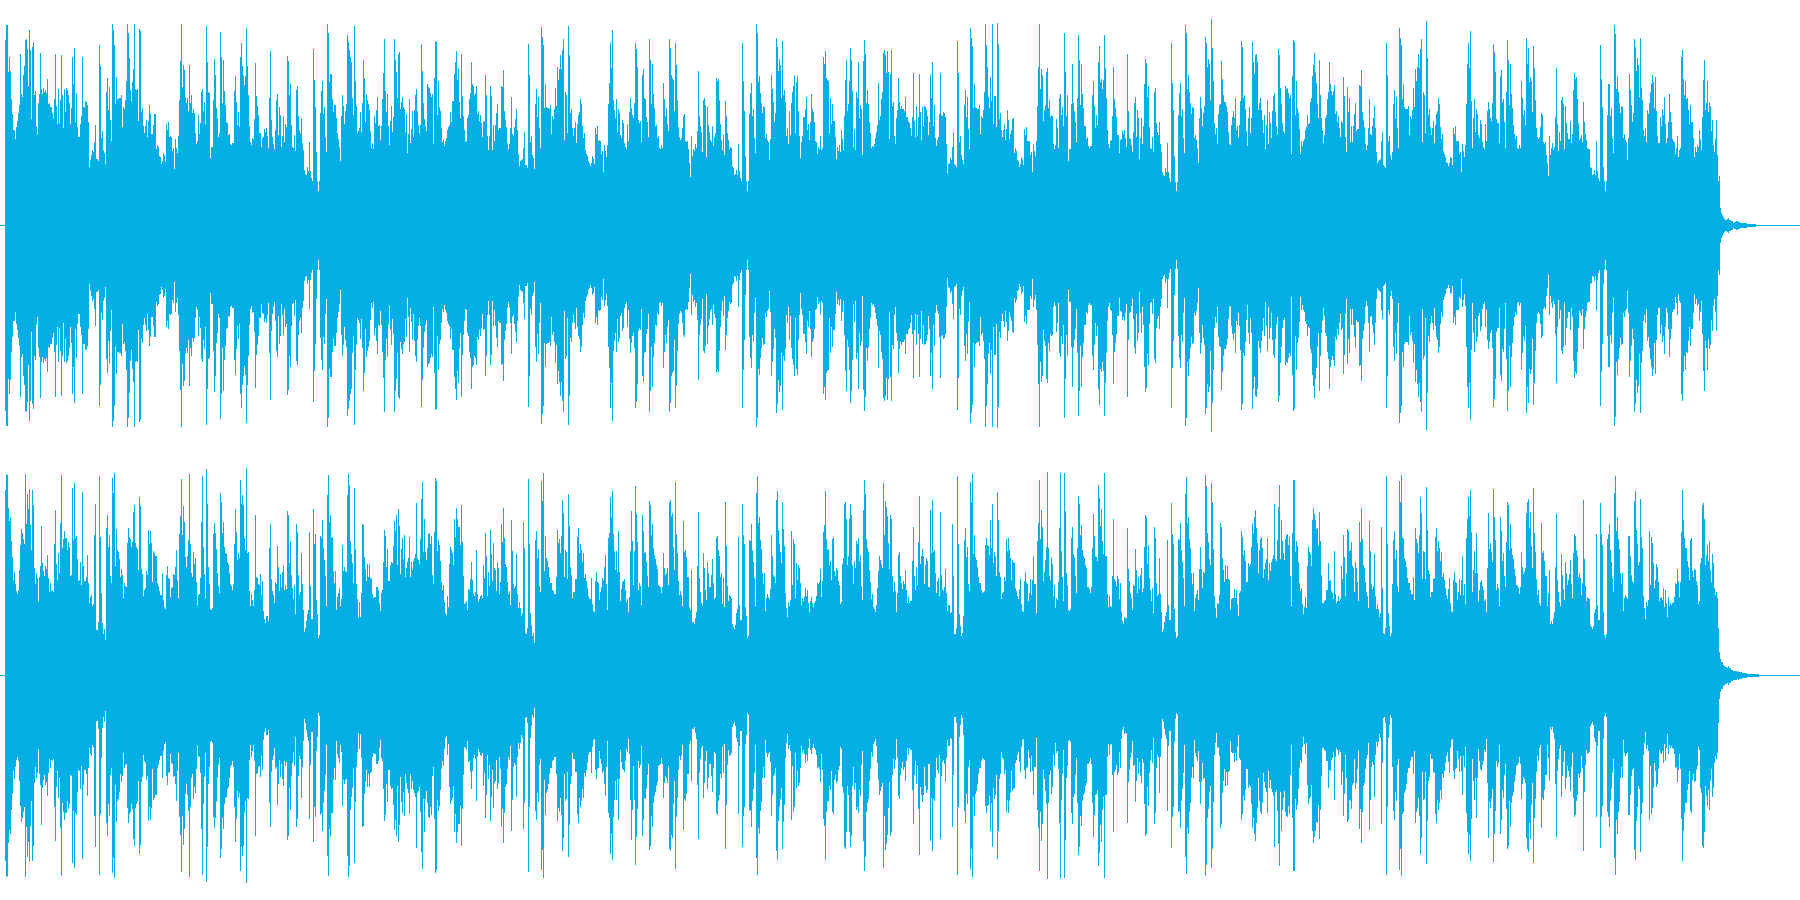 爽やか/落ち着き/R&B_No597_5の再生済みの波形